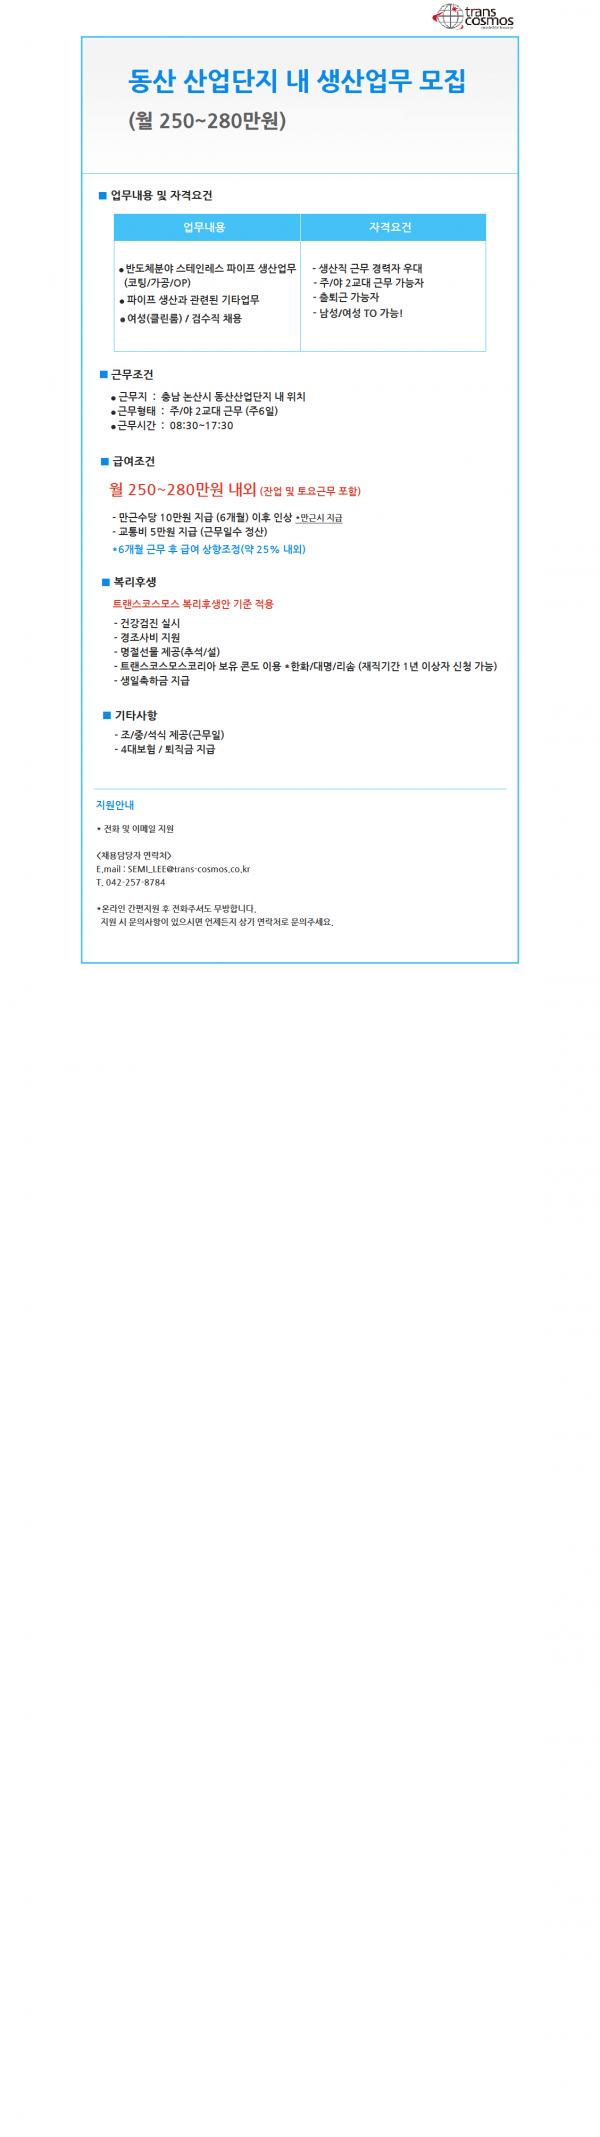 부광테크(수정)